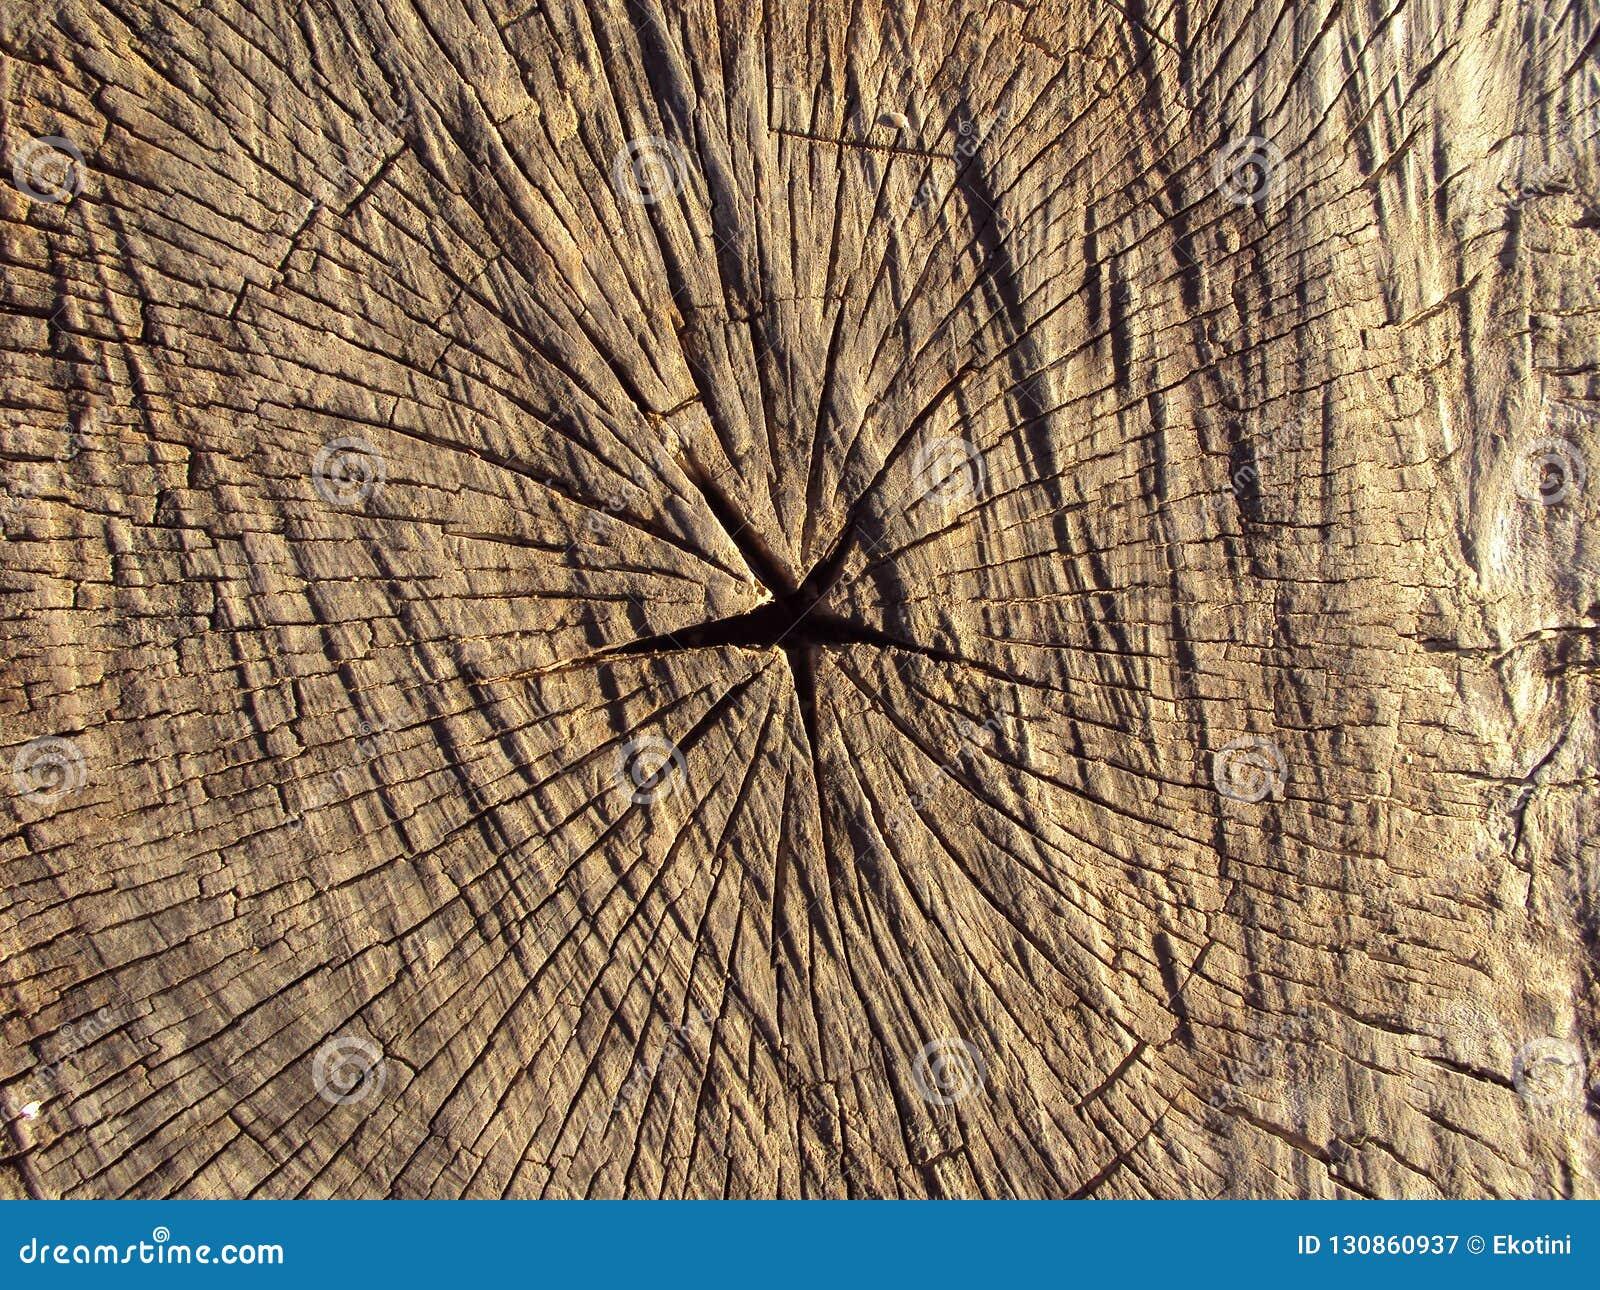 Corte transversal de un árbol